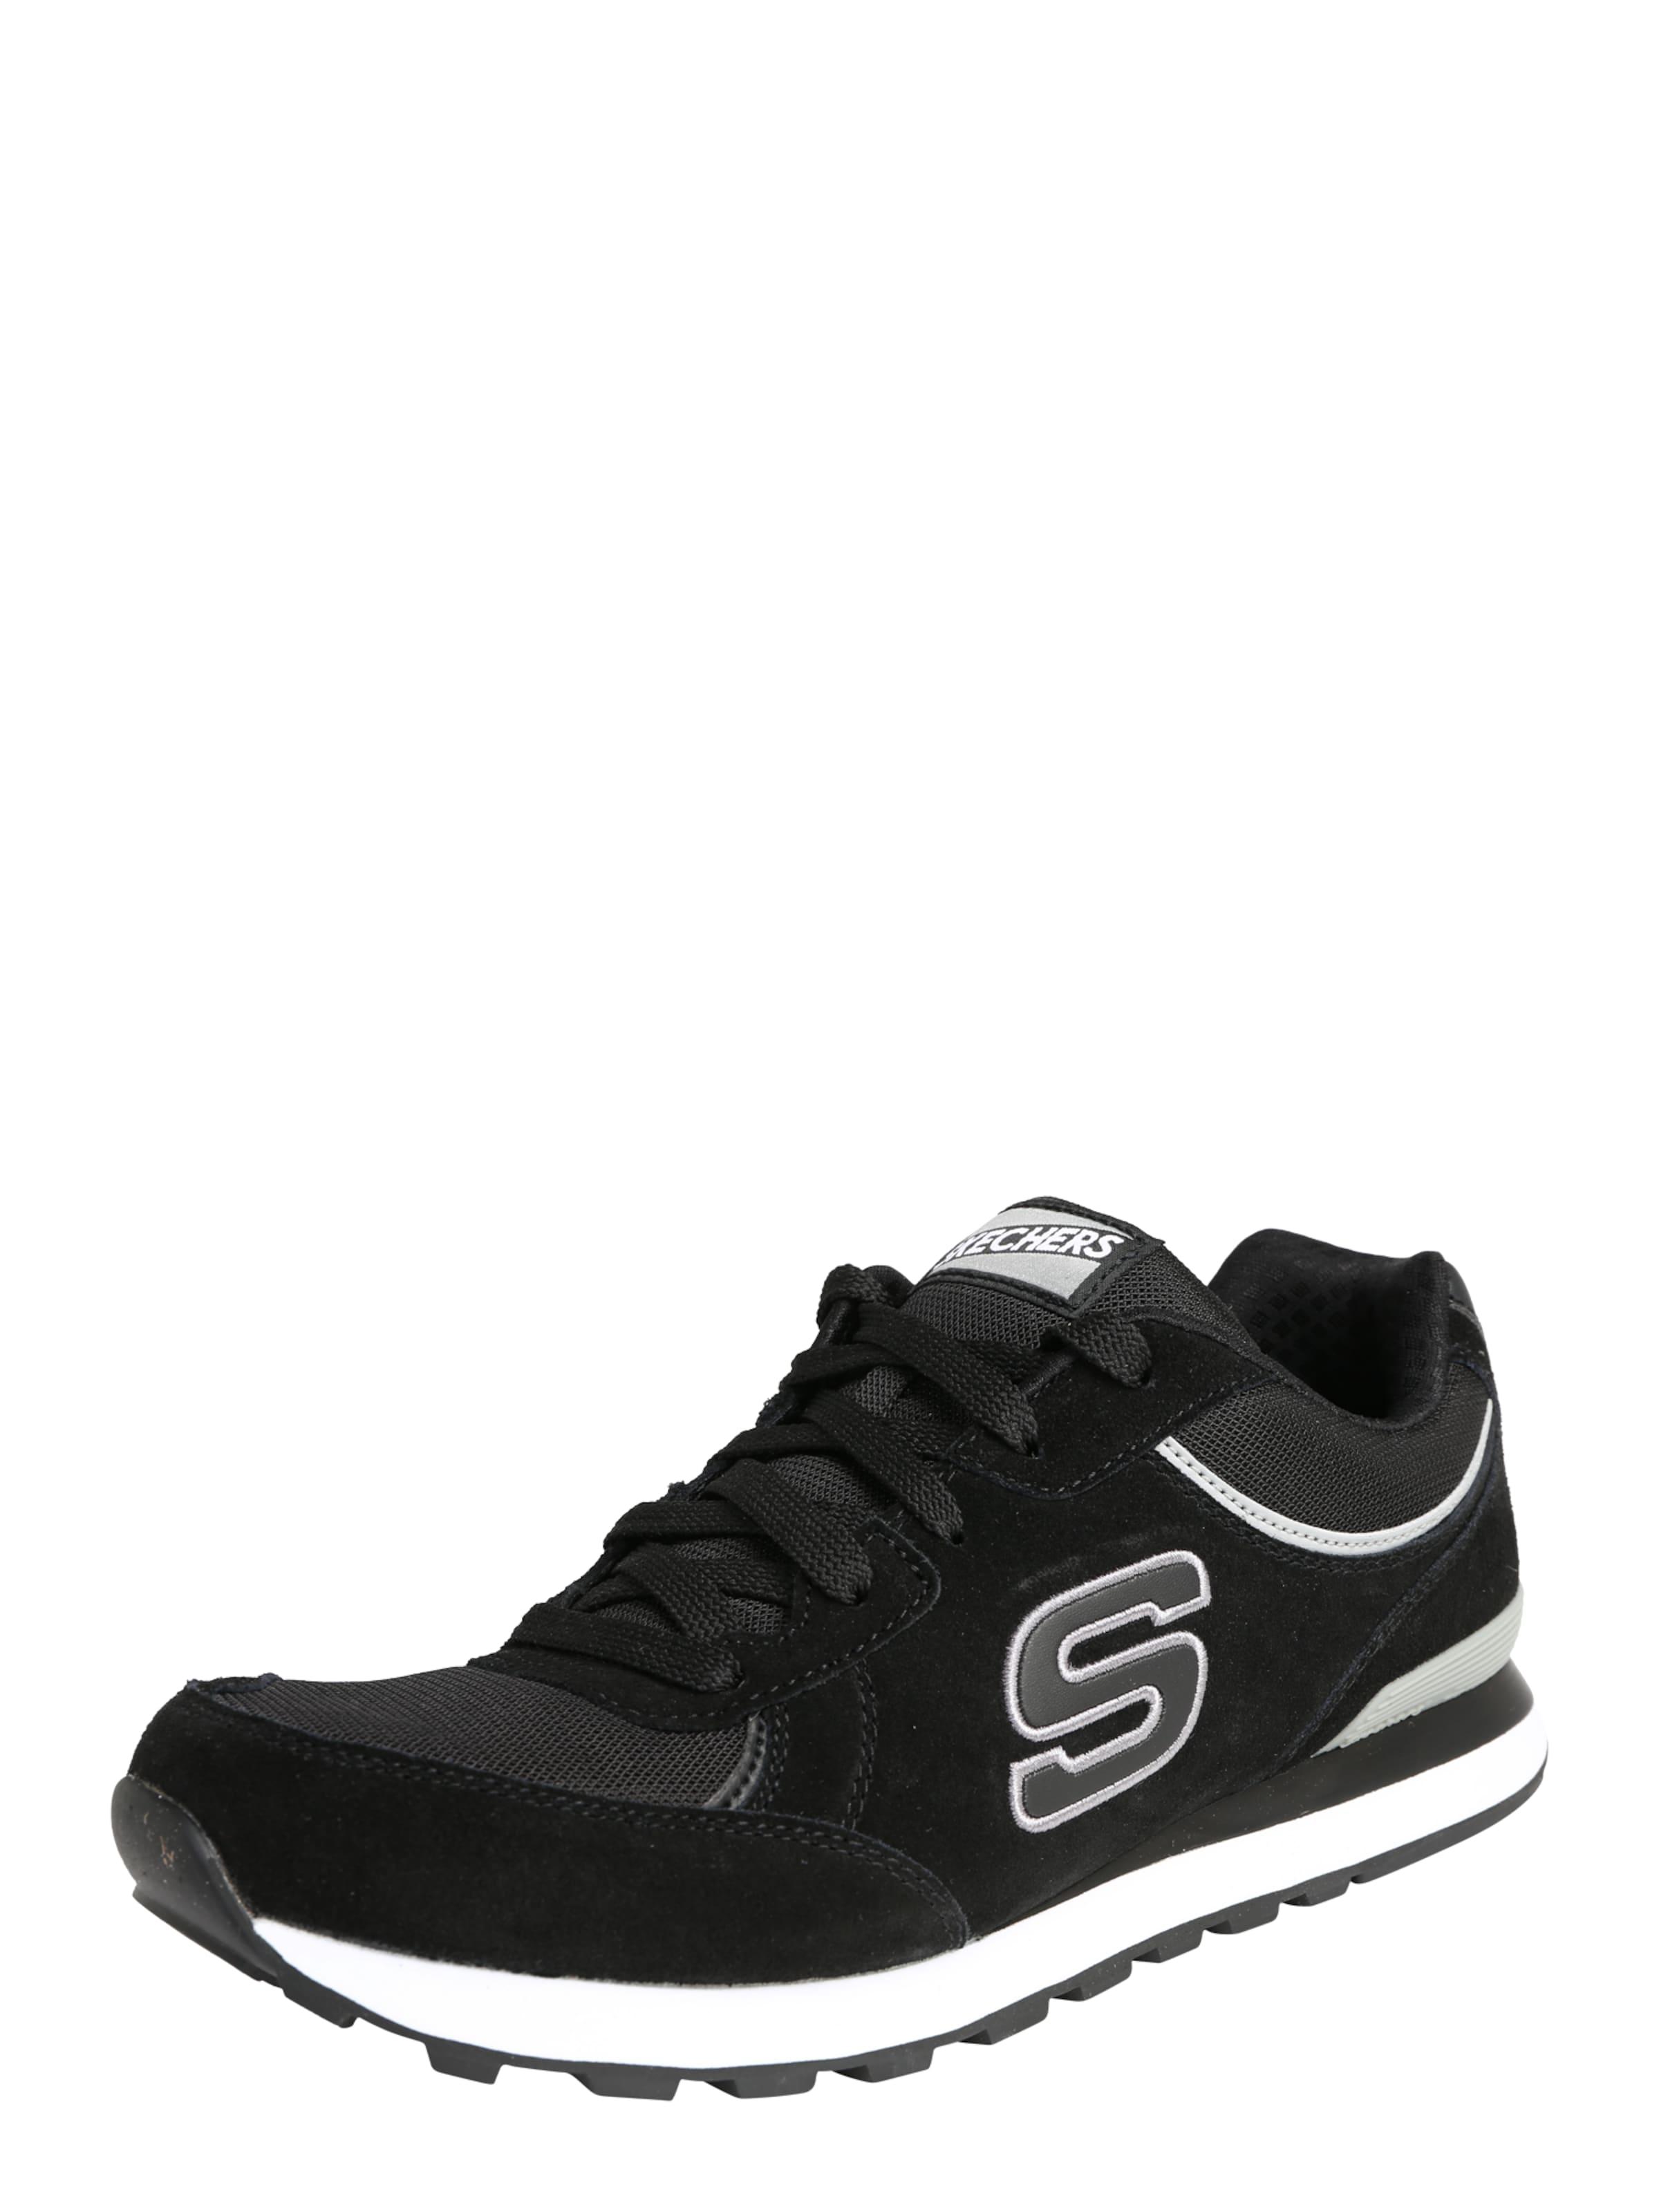 SKECHERS Sneaker Low Günstige und langlebige Schuhe